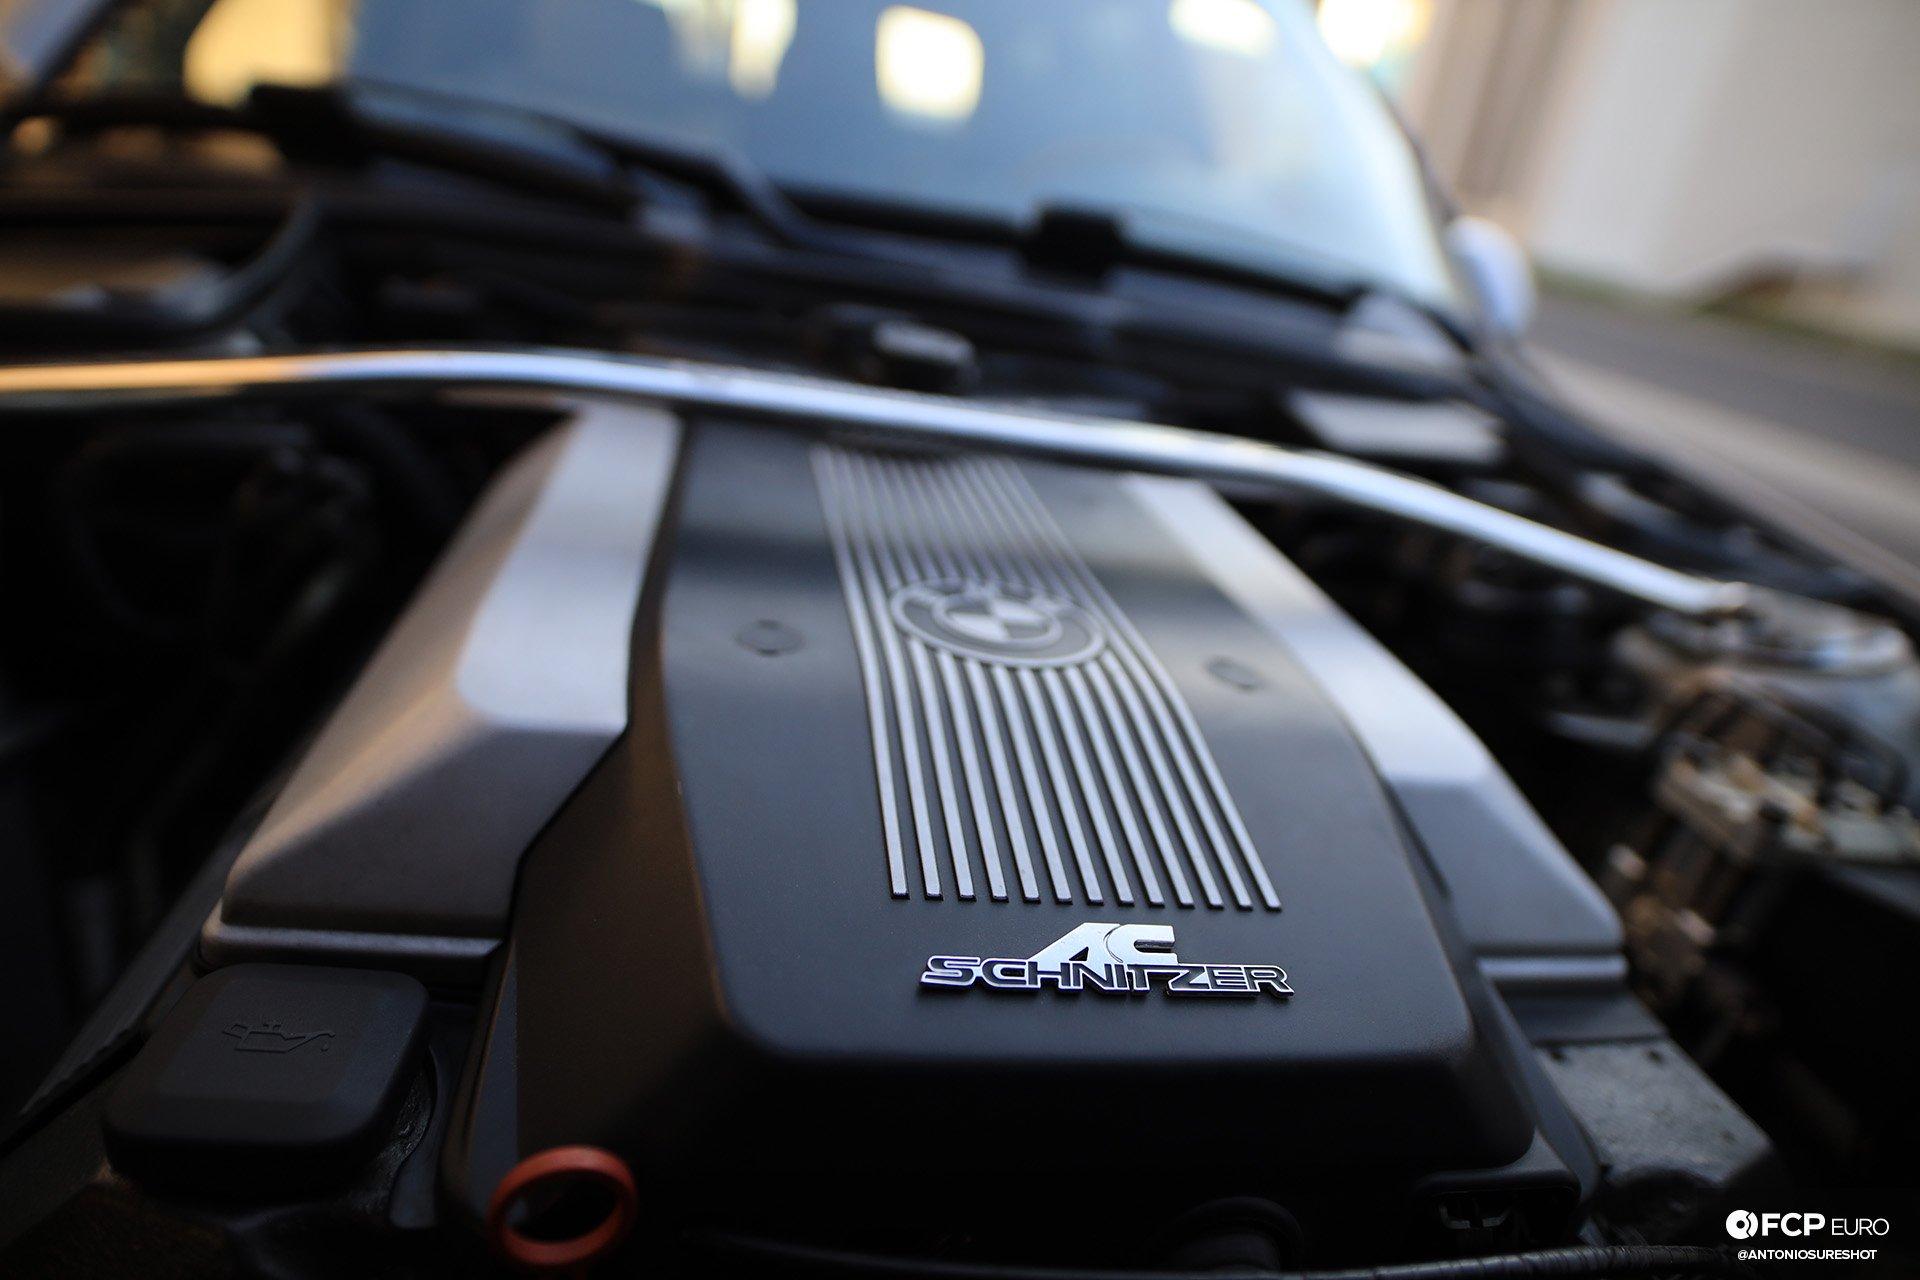 AC Schnitzer E34 Touring BMW Wagon EOSR3940